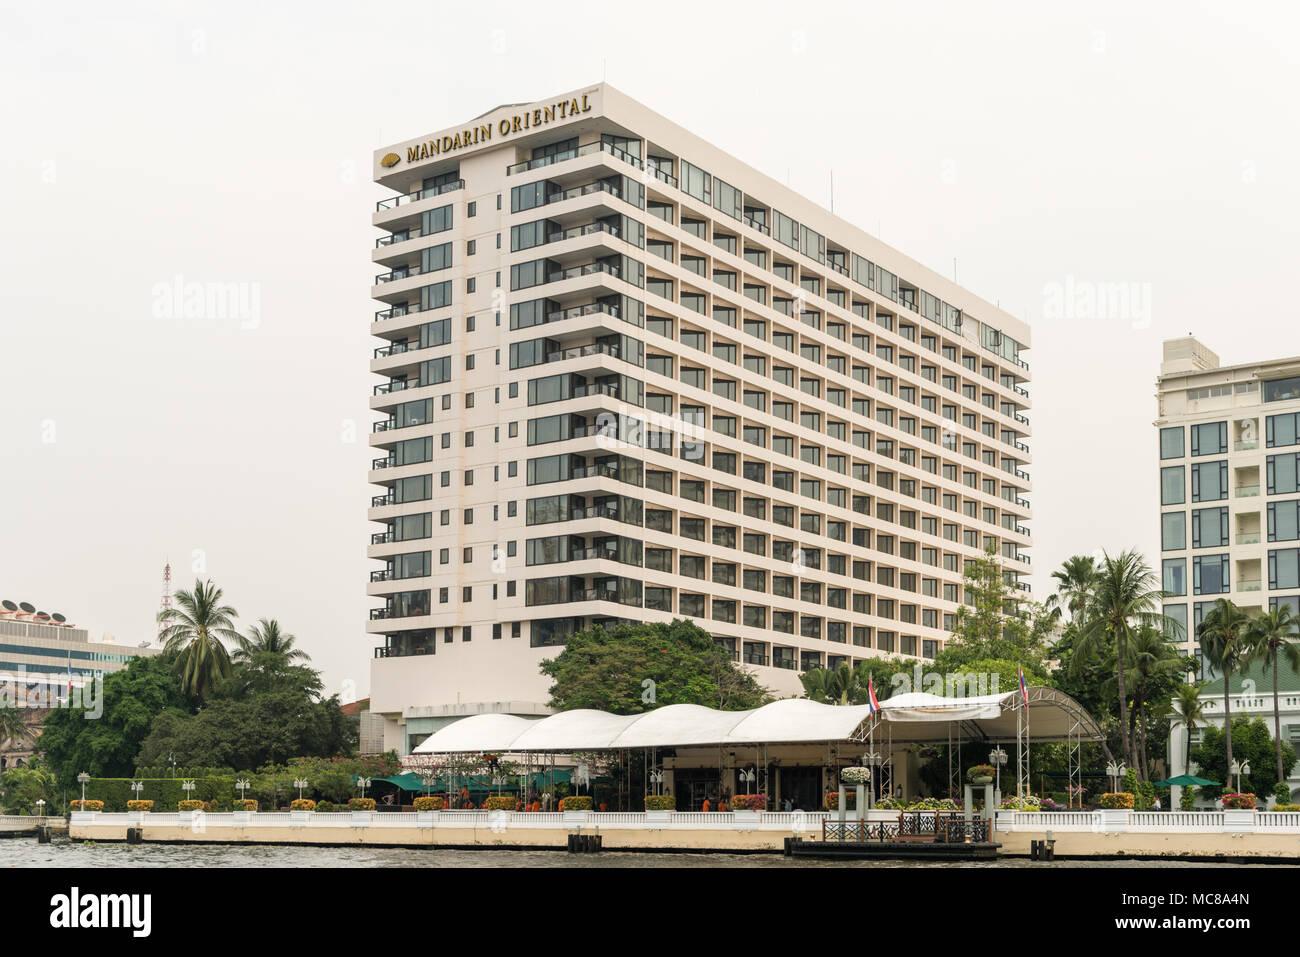 El hotel Mandarin Oriental en Bangkok, Tailandia Imagen De Stock